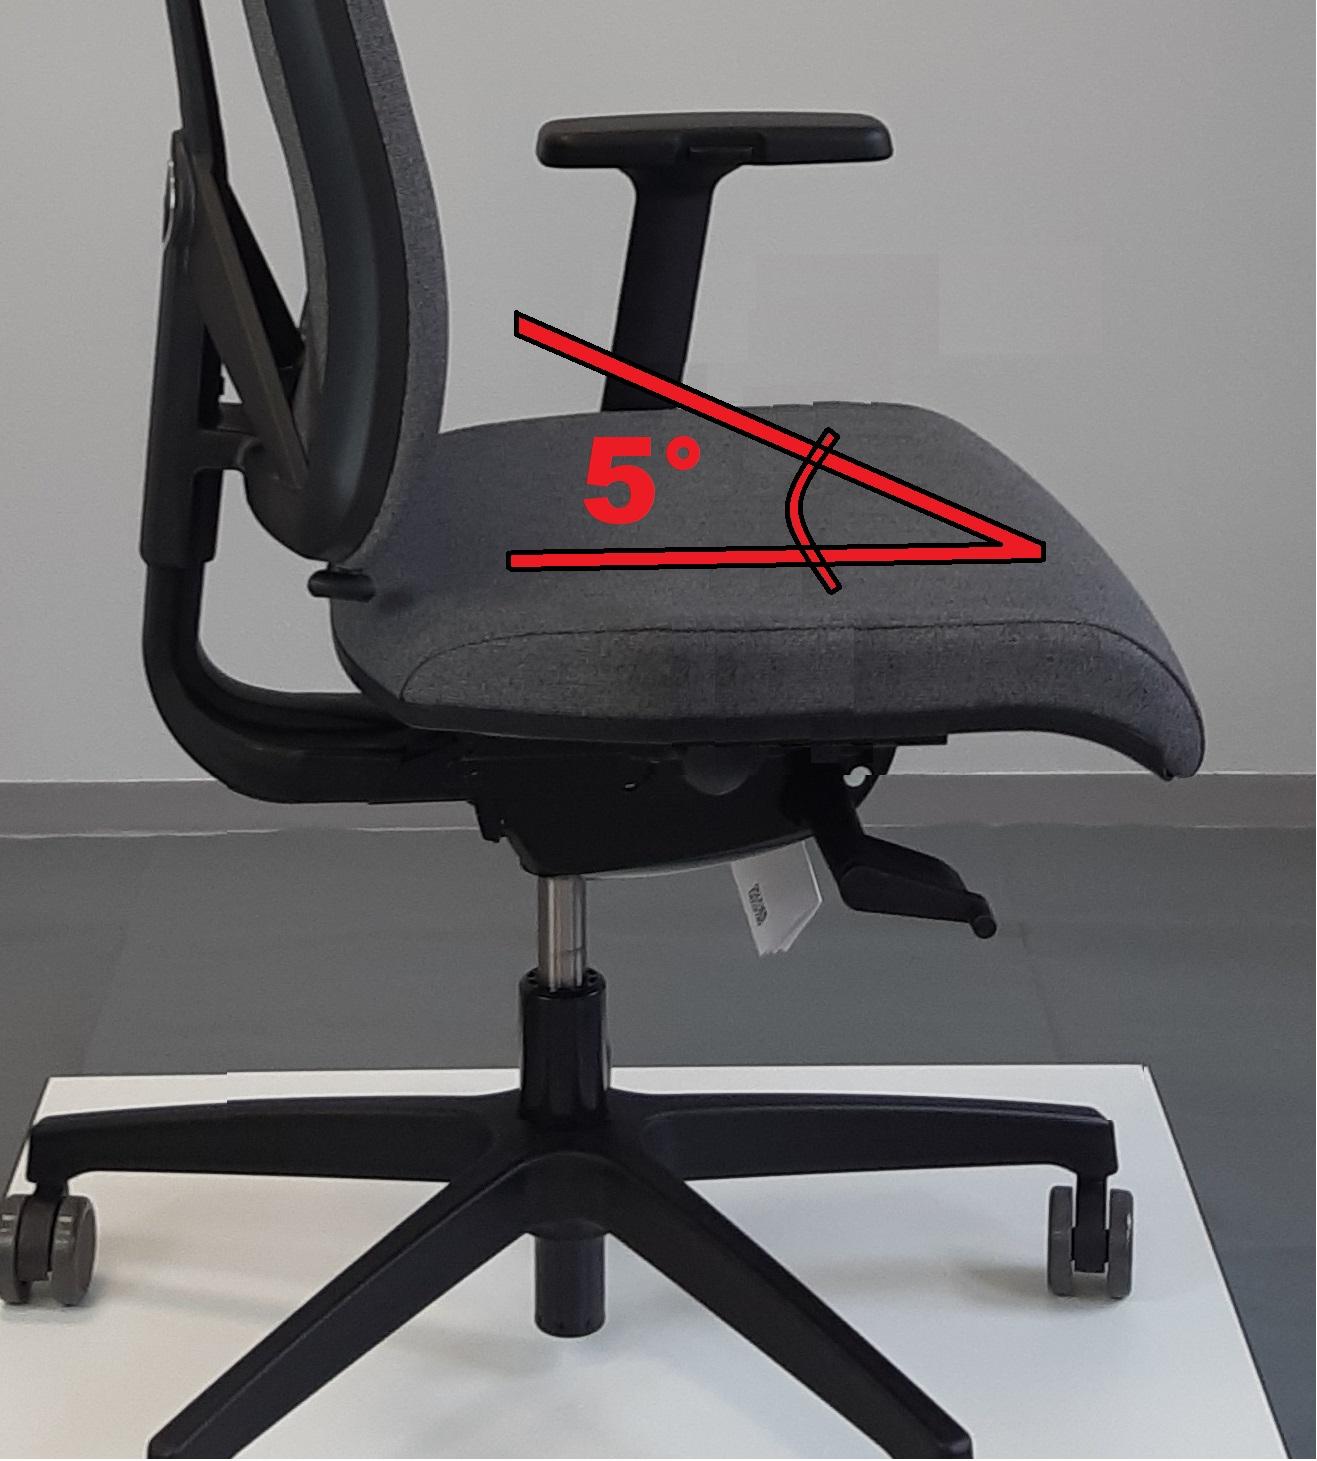 doplnit  náklon sedáku 5°